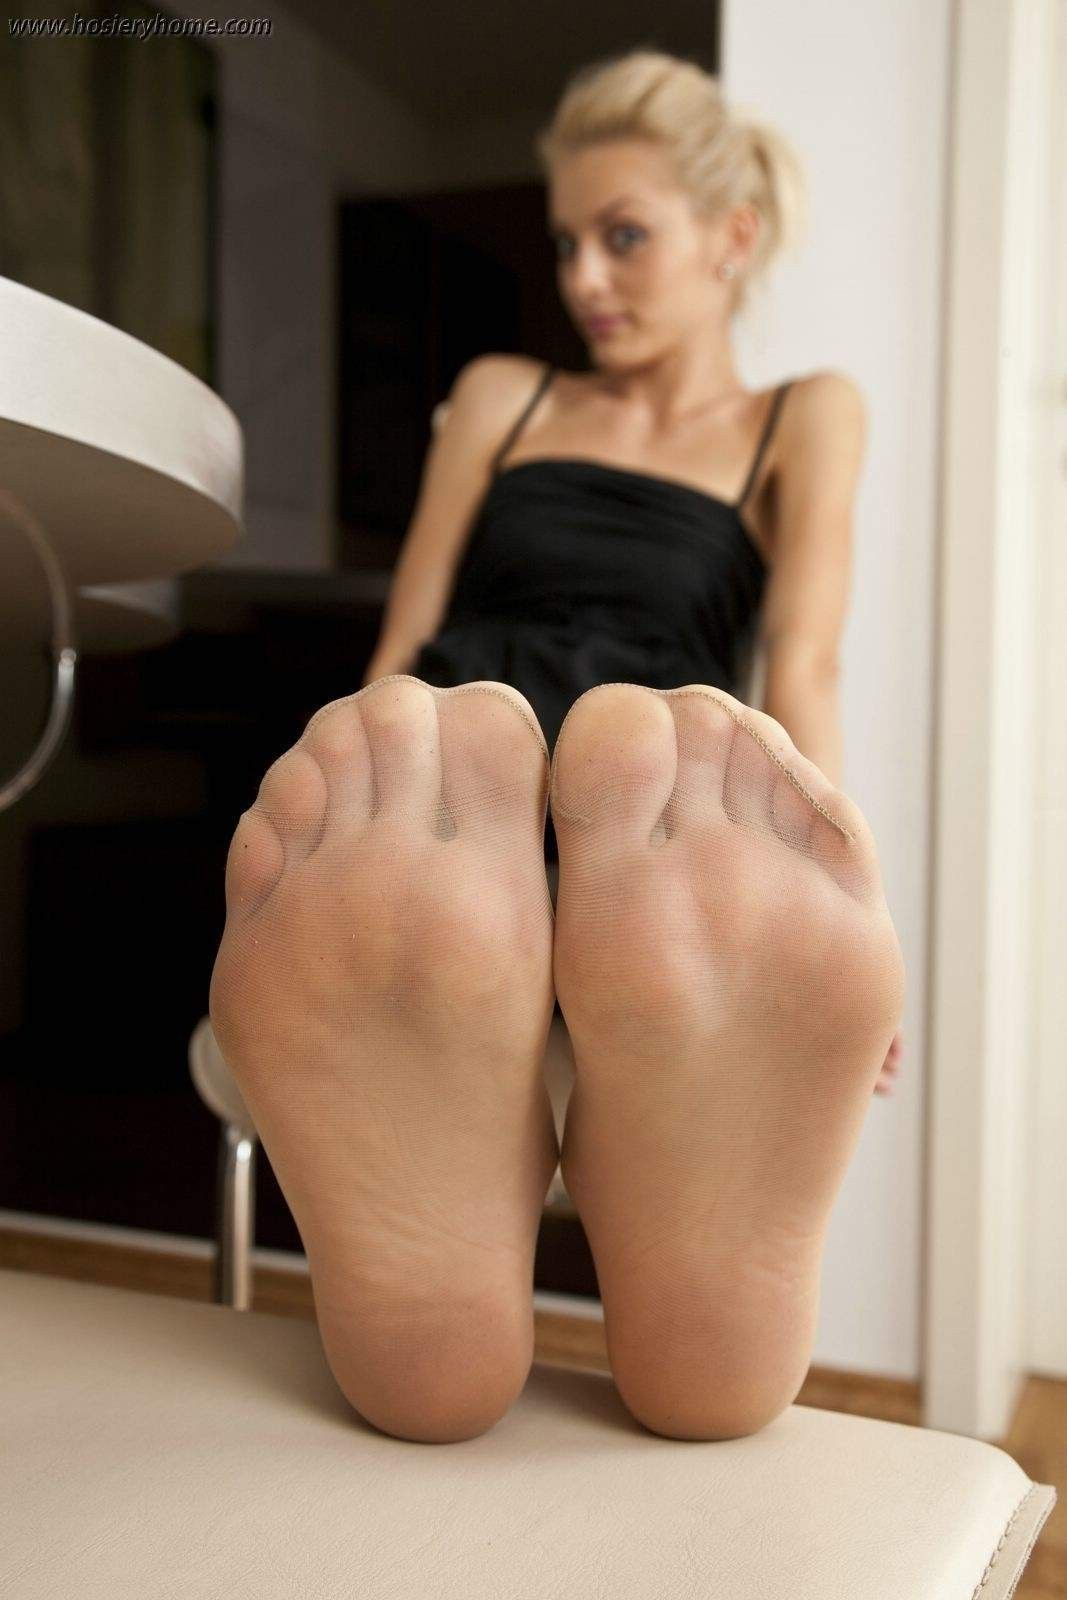 Apologise, Amateur pantyhose feet opinion you